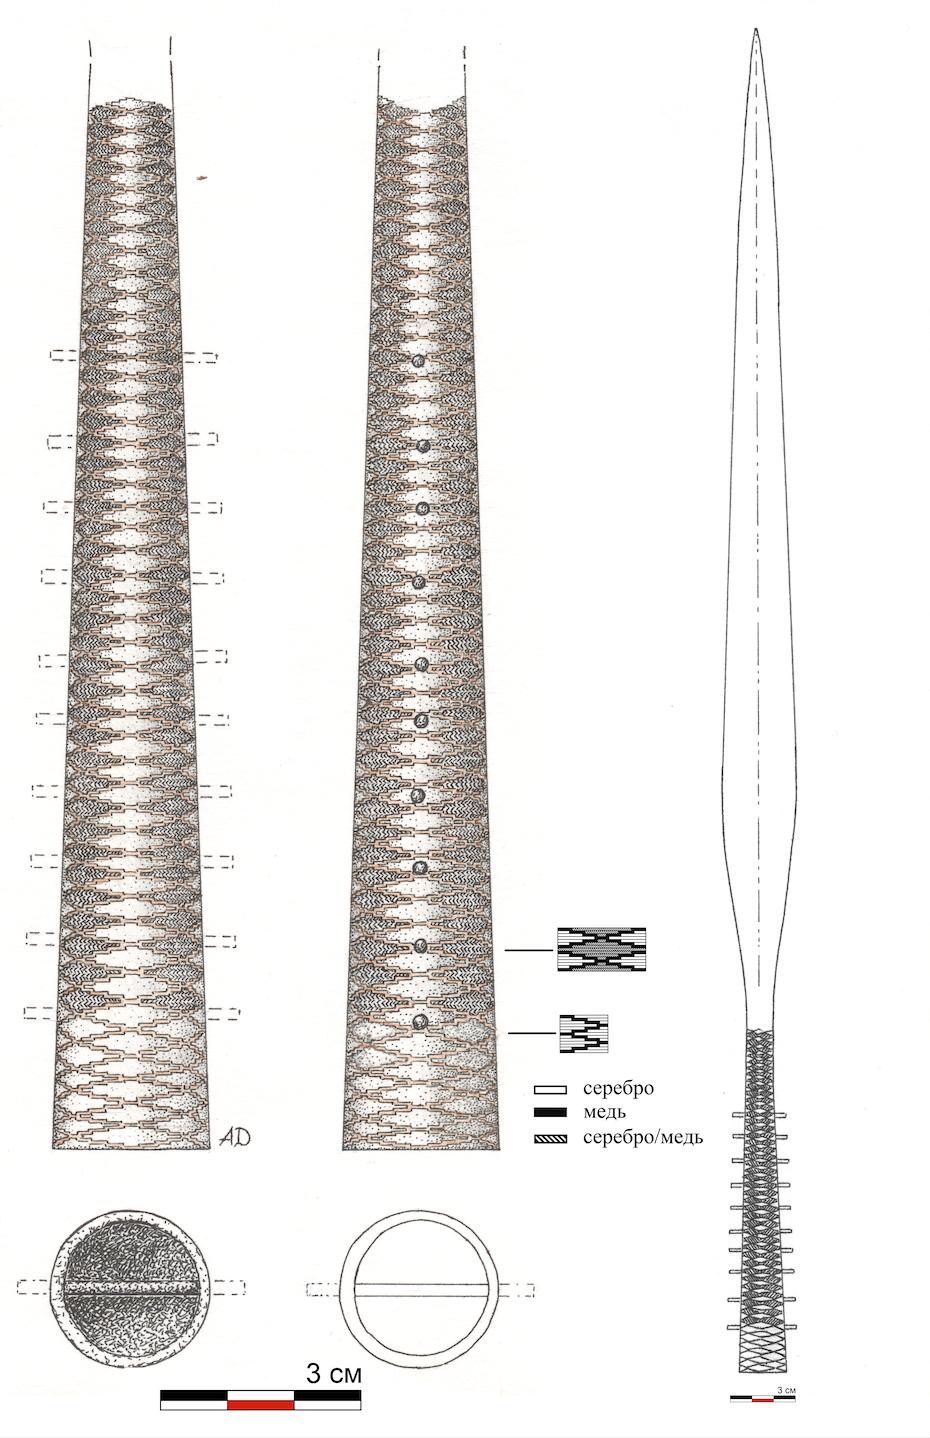 Плеть из Большого Тимерева. Реконструкция узора и общего вида копья.